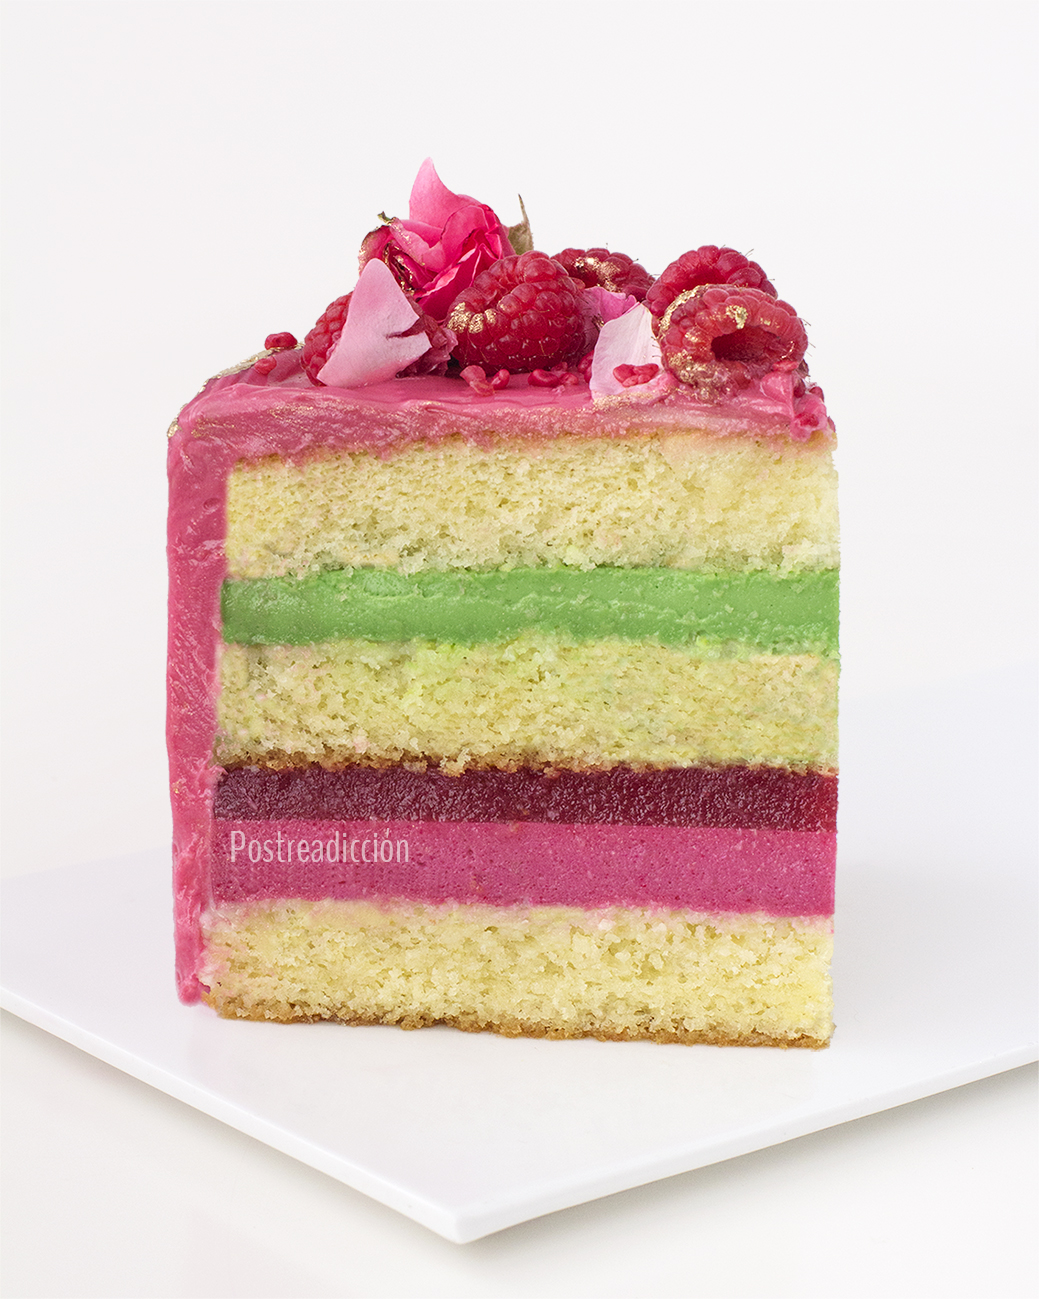 Imagen de producto: https://tienda.postreadiccion.com/img/articulos/secundarias12807-curso-online-de-tartas-con-semifrios-1.jpg